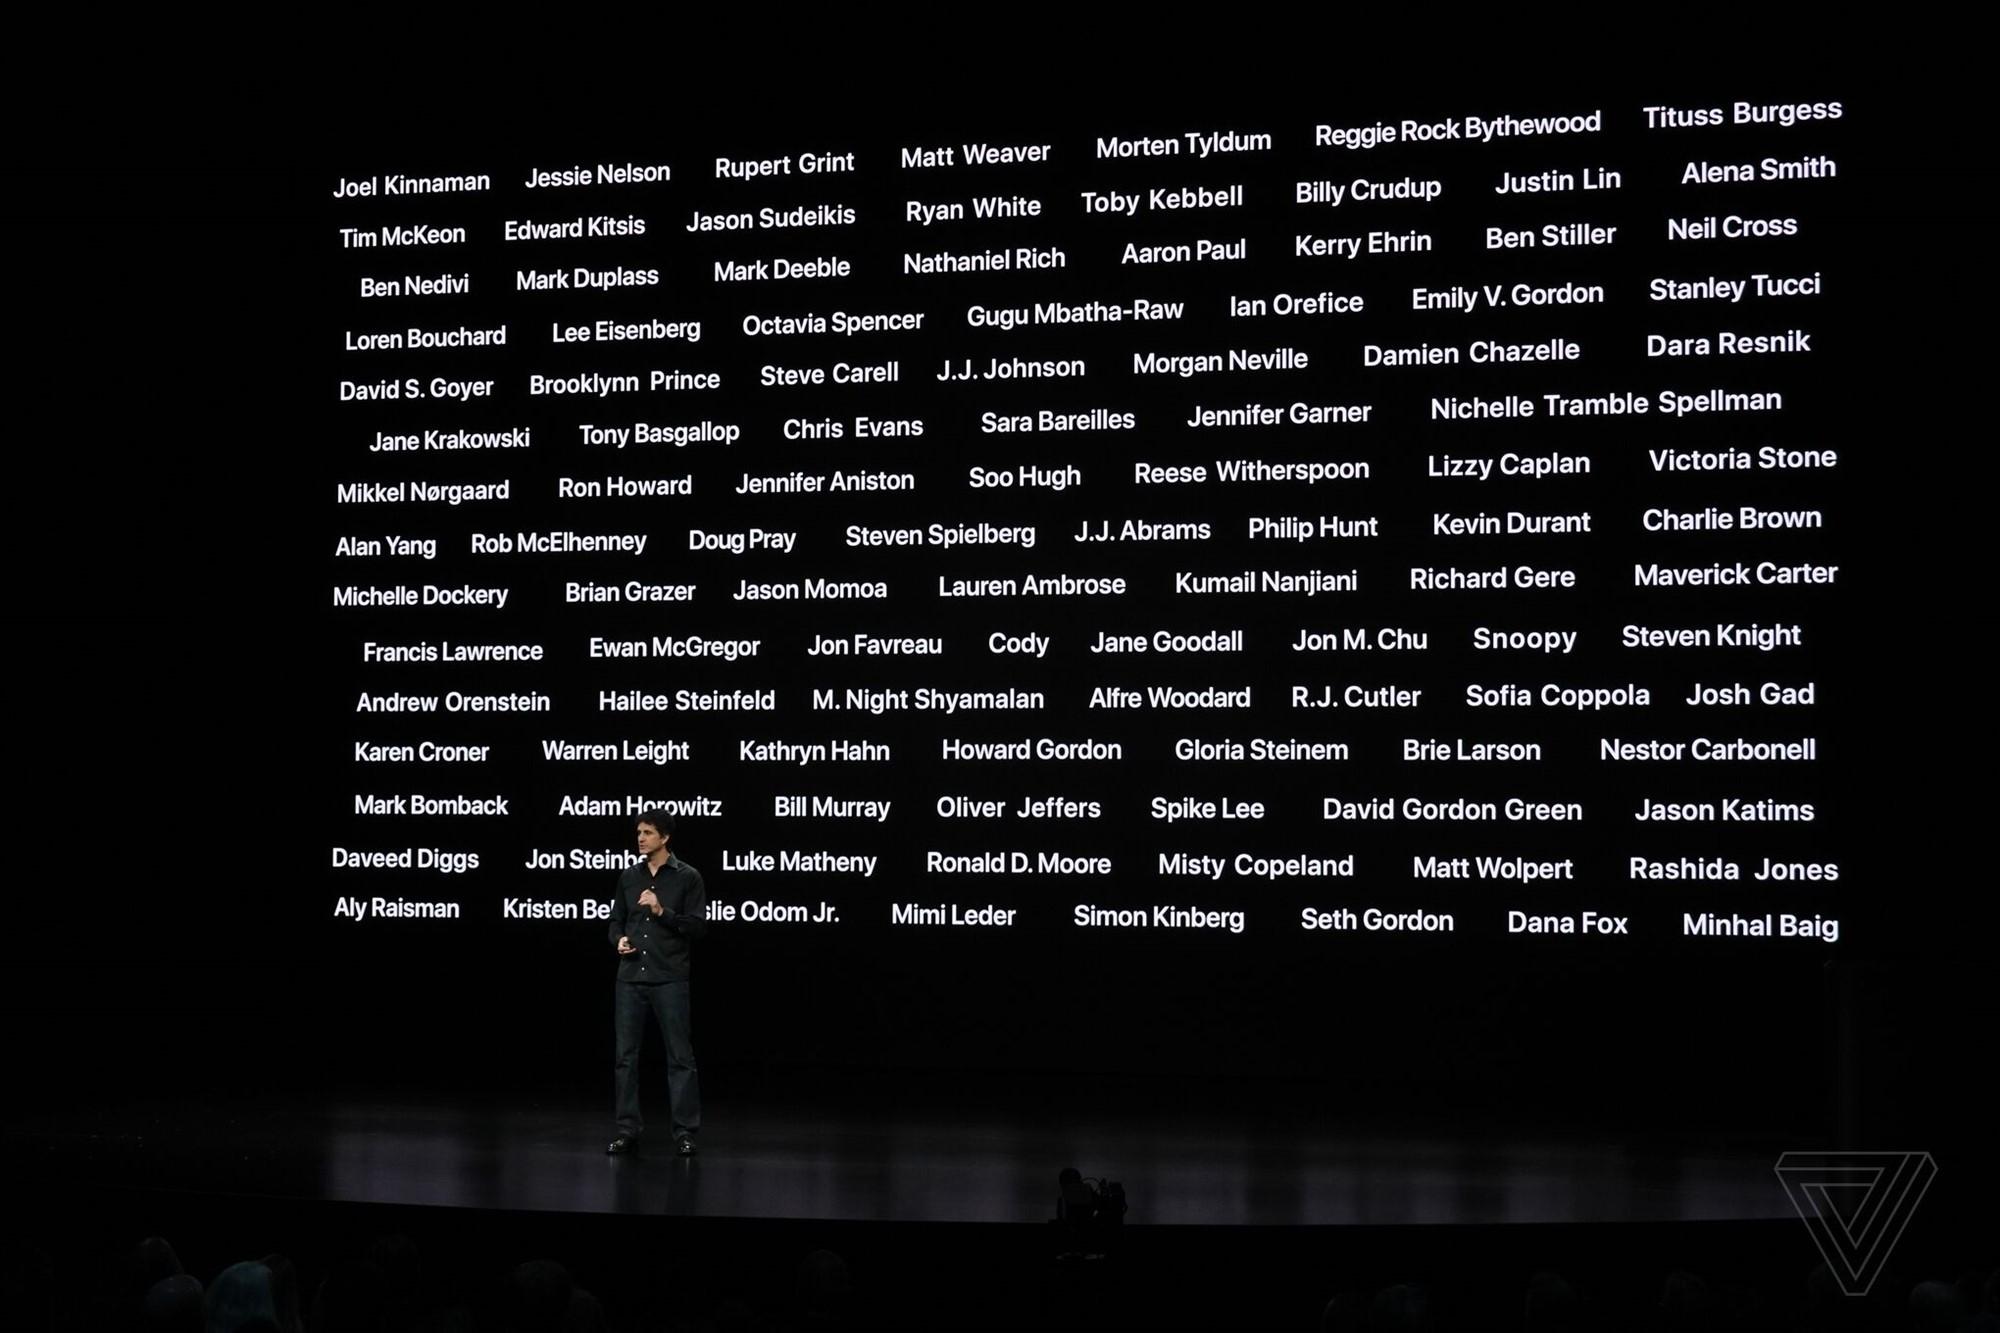 lcimg 8ea7b639 2282 4b14 988d 5c54ef126f70 - Apple TV+: streamovacia služba s vlastným obsahom, dostupná bude vo vyše 100 krajinách